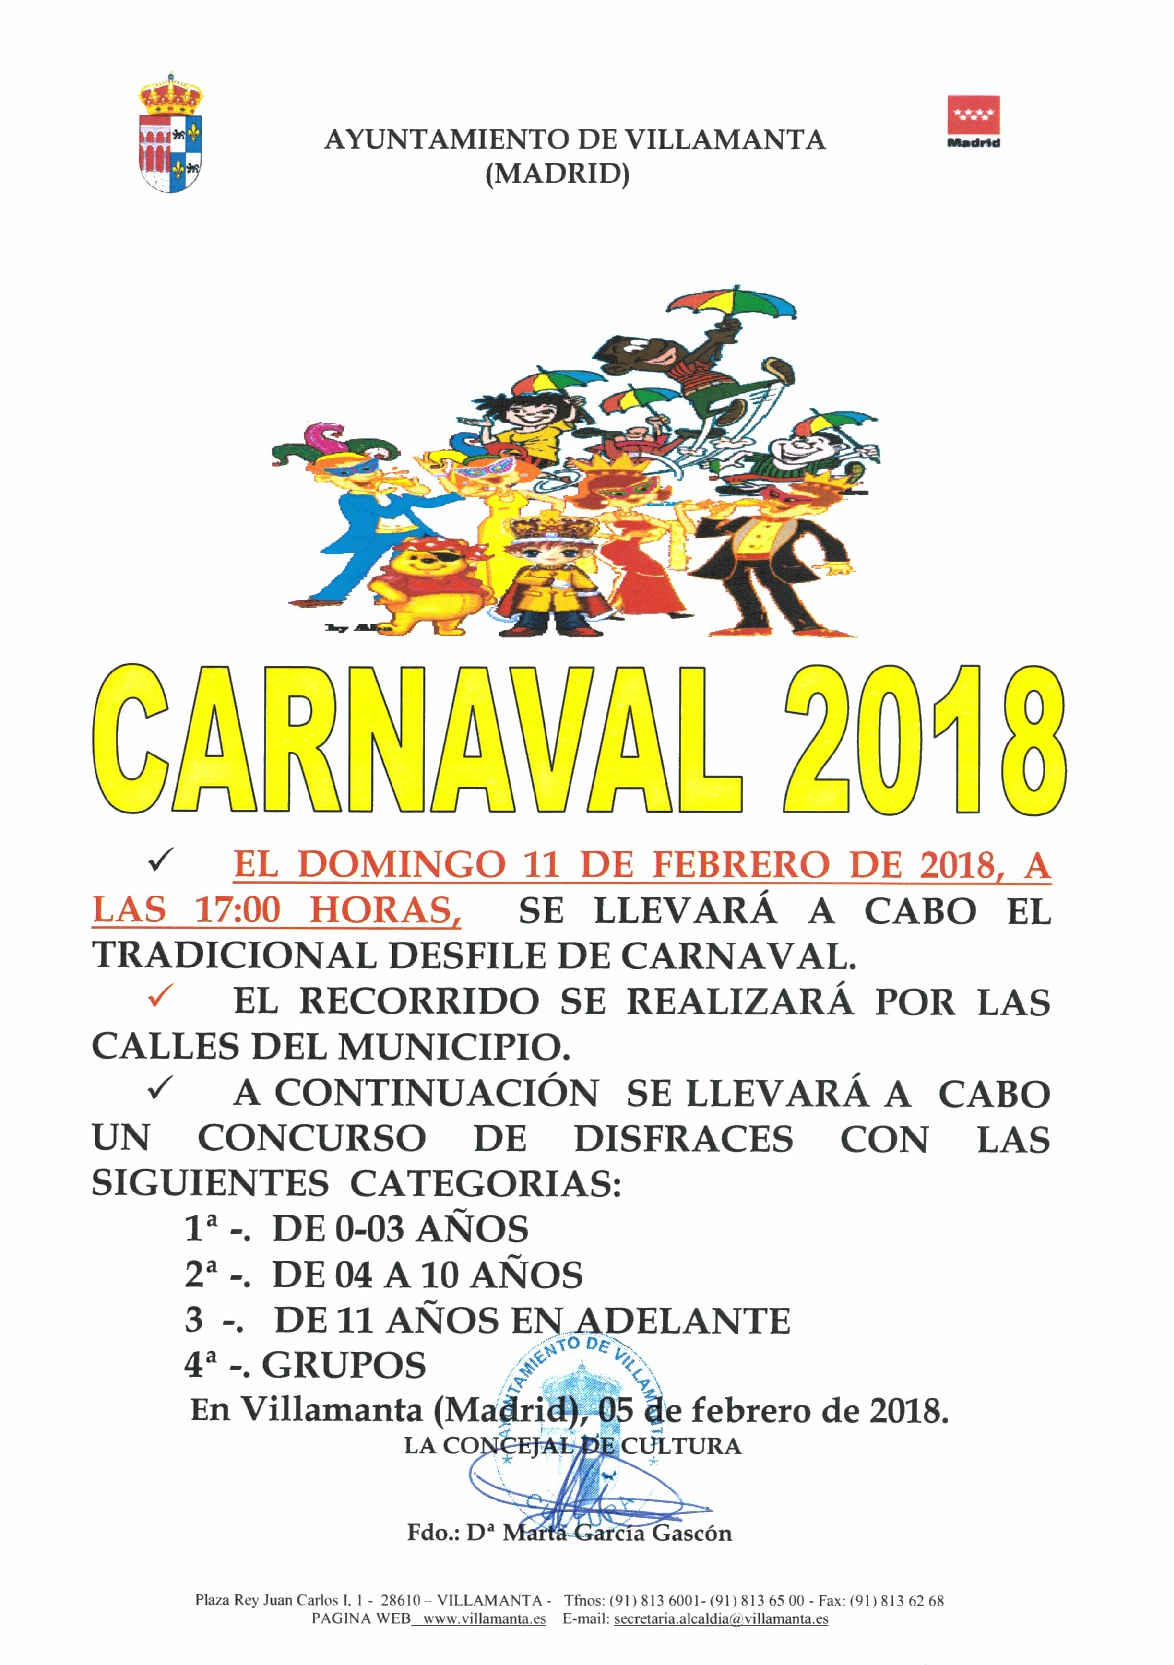 Carnaval 11 de febrero de 2018